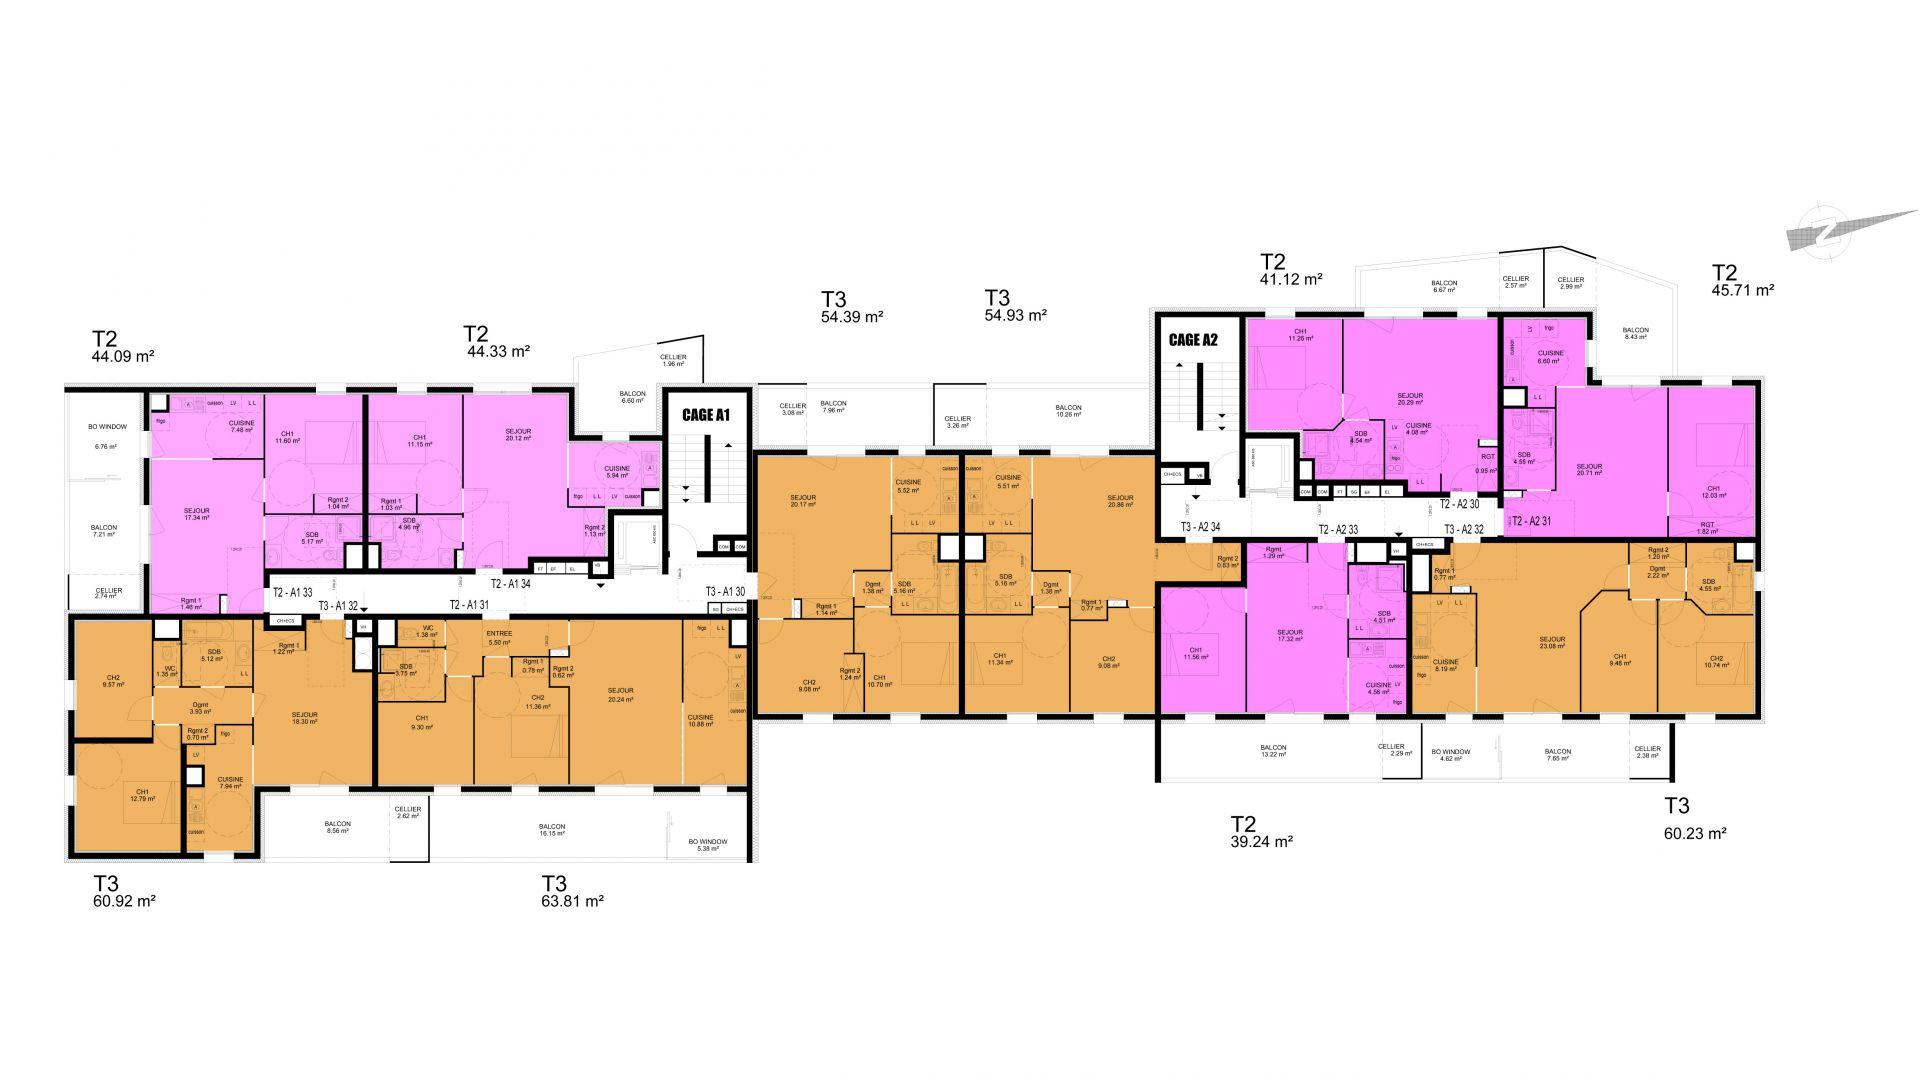 plan de l'étage courant